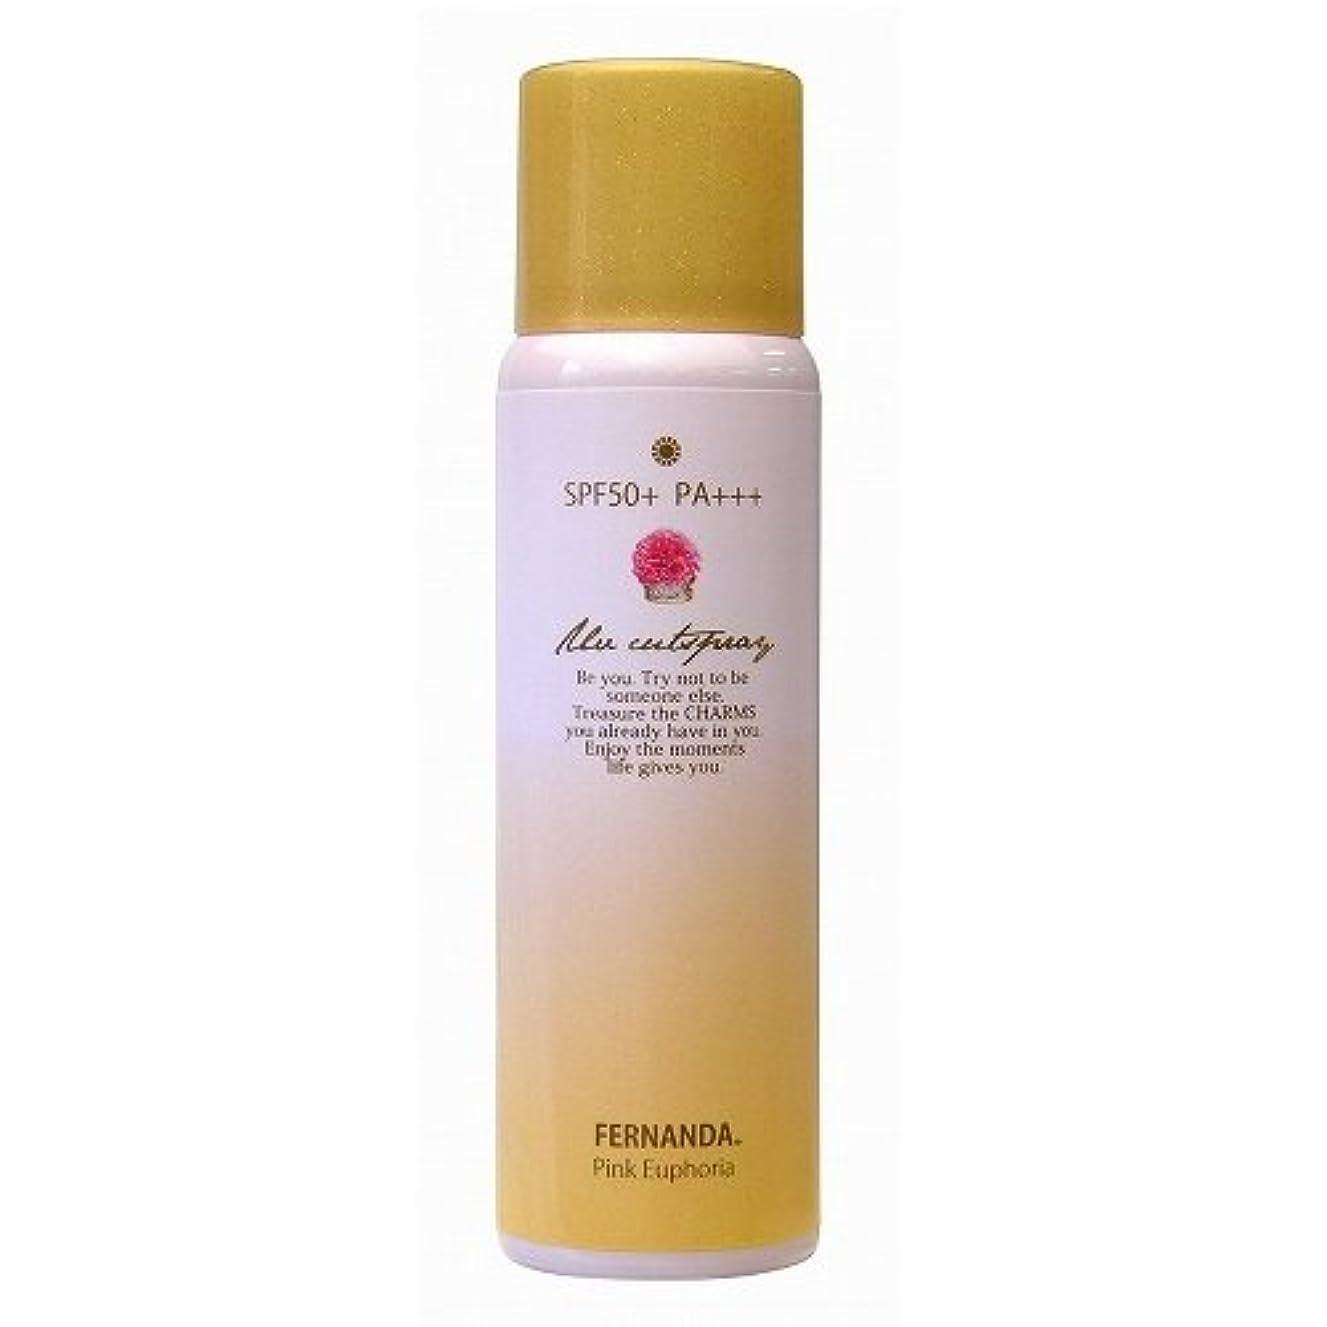 北米出します浴室FERNANDA(フェルナンダ) UV CUT Spray Pink Euphoria〈SPF50+ PA+++〉 (UVカット スプレー ピンクエウフォリア)